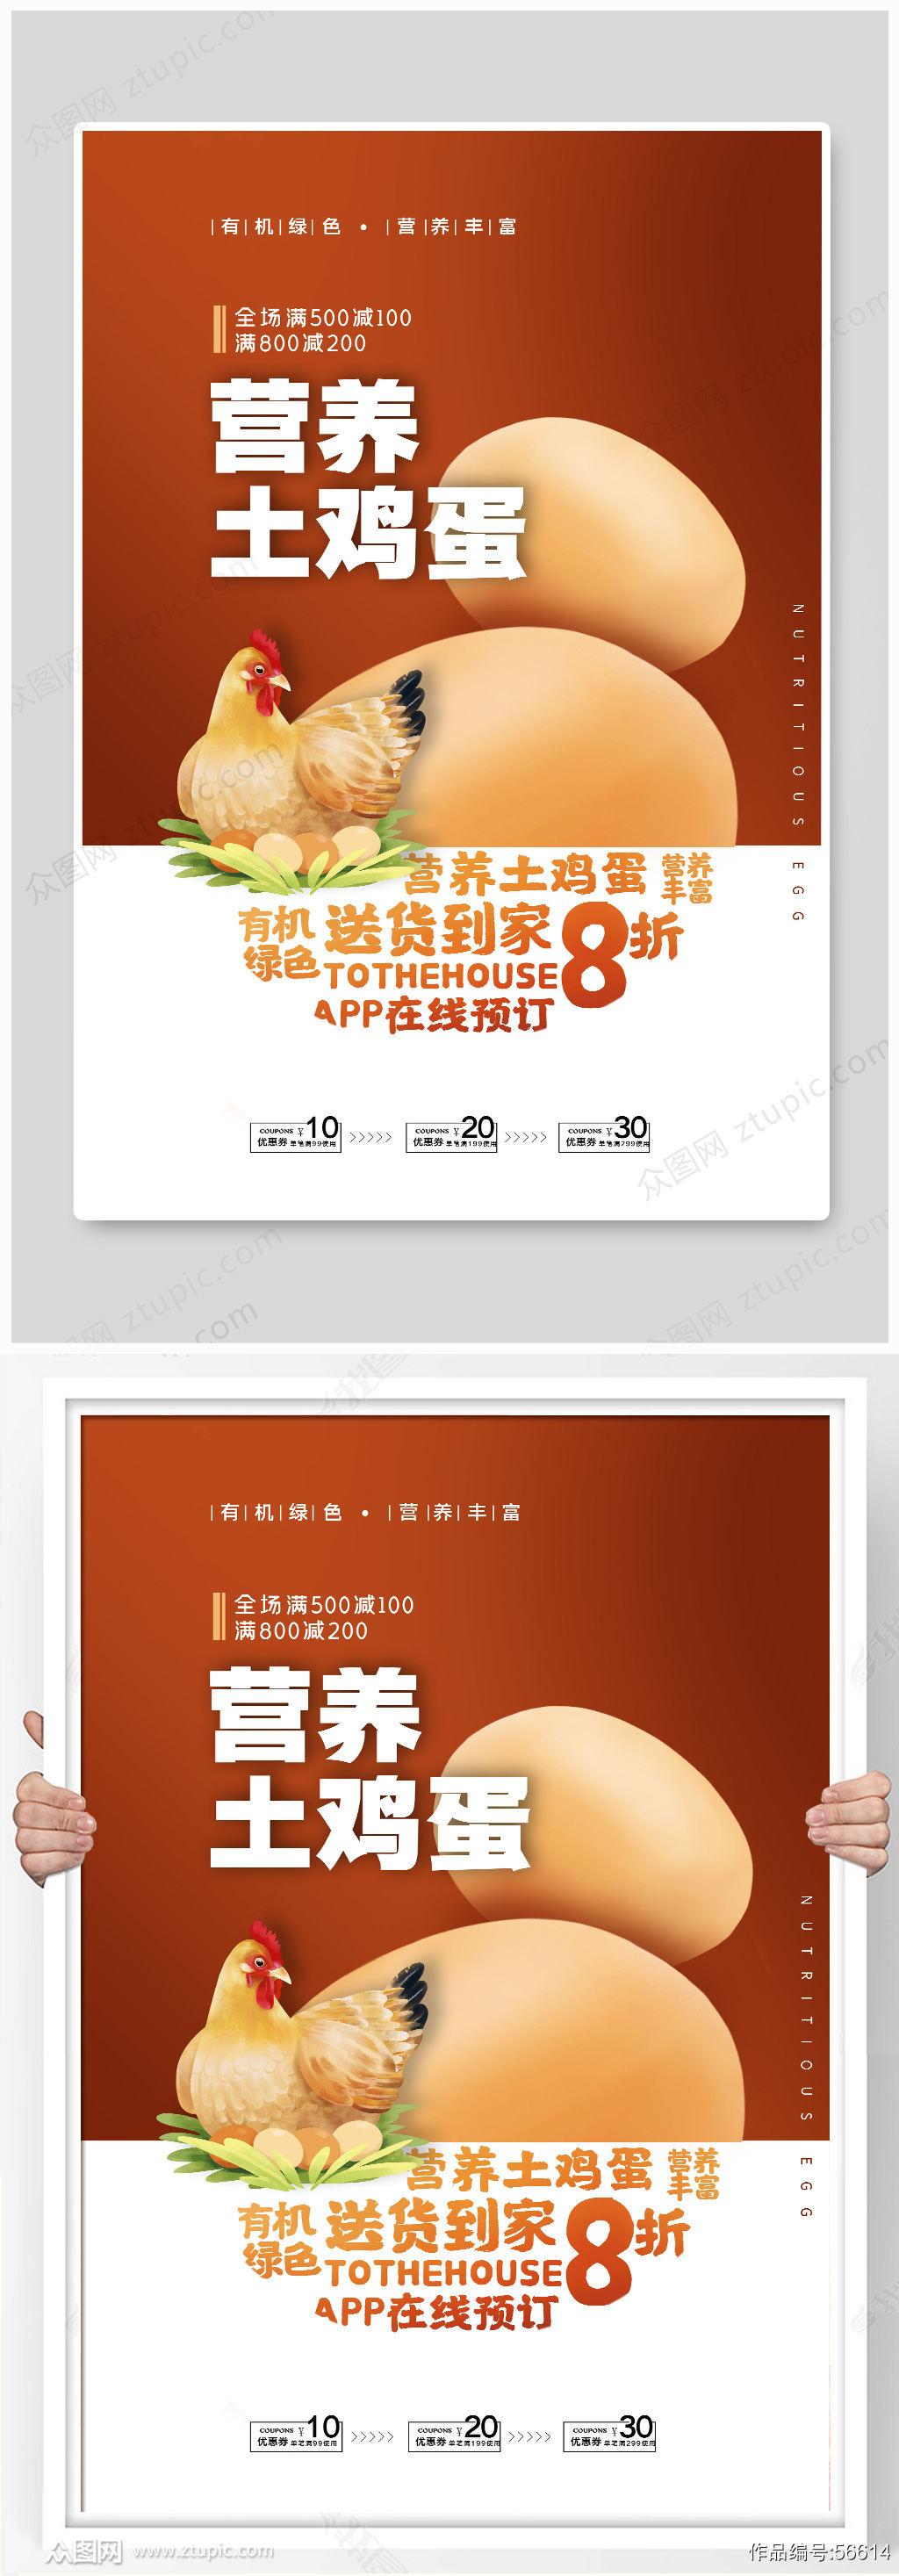 营养土鸡蛋海报素材